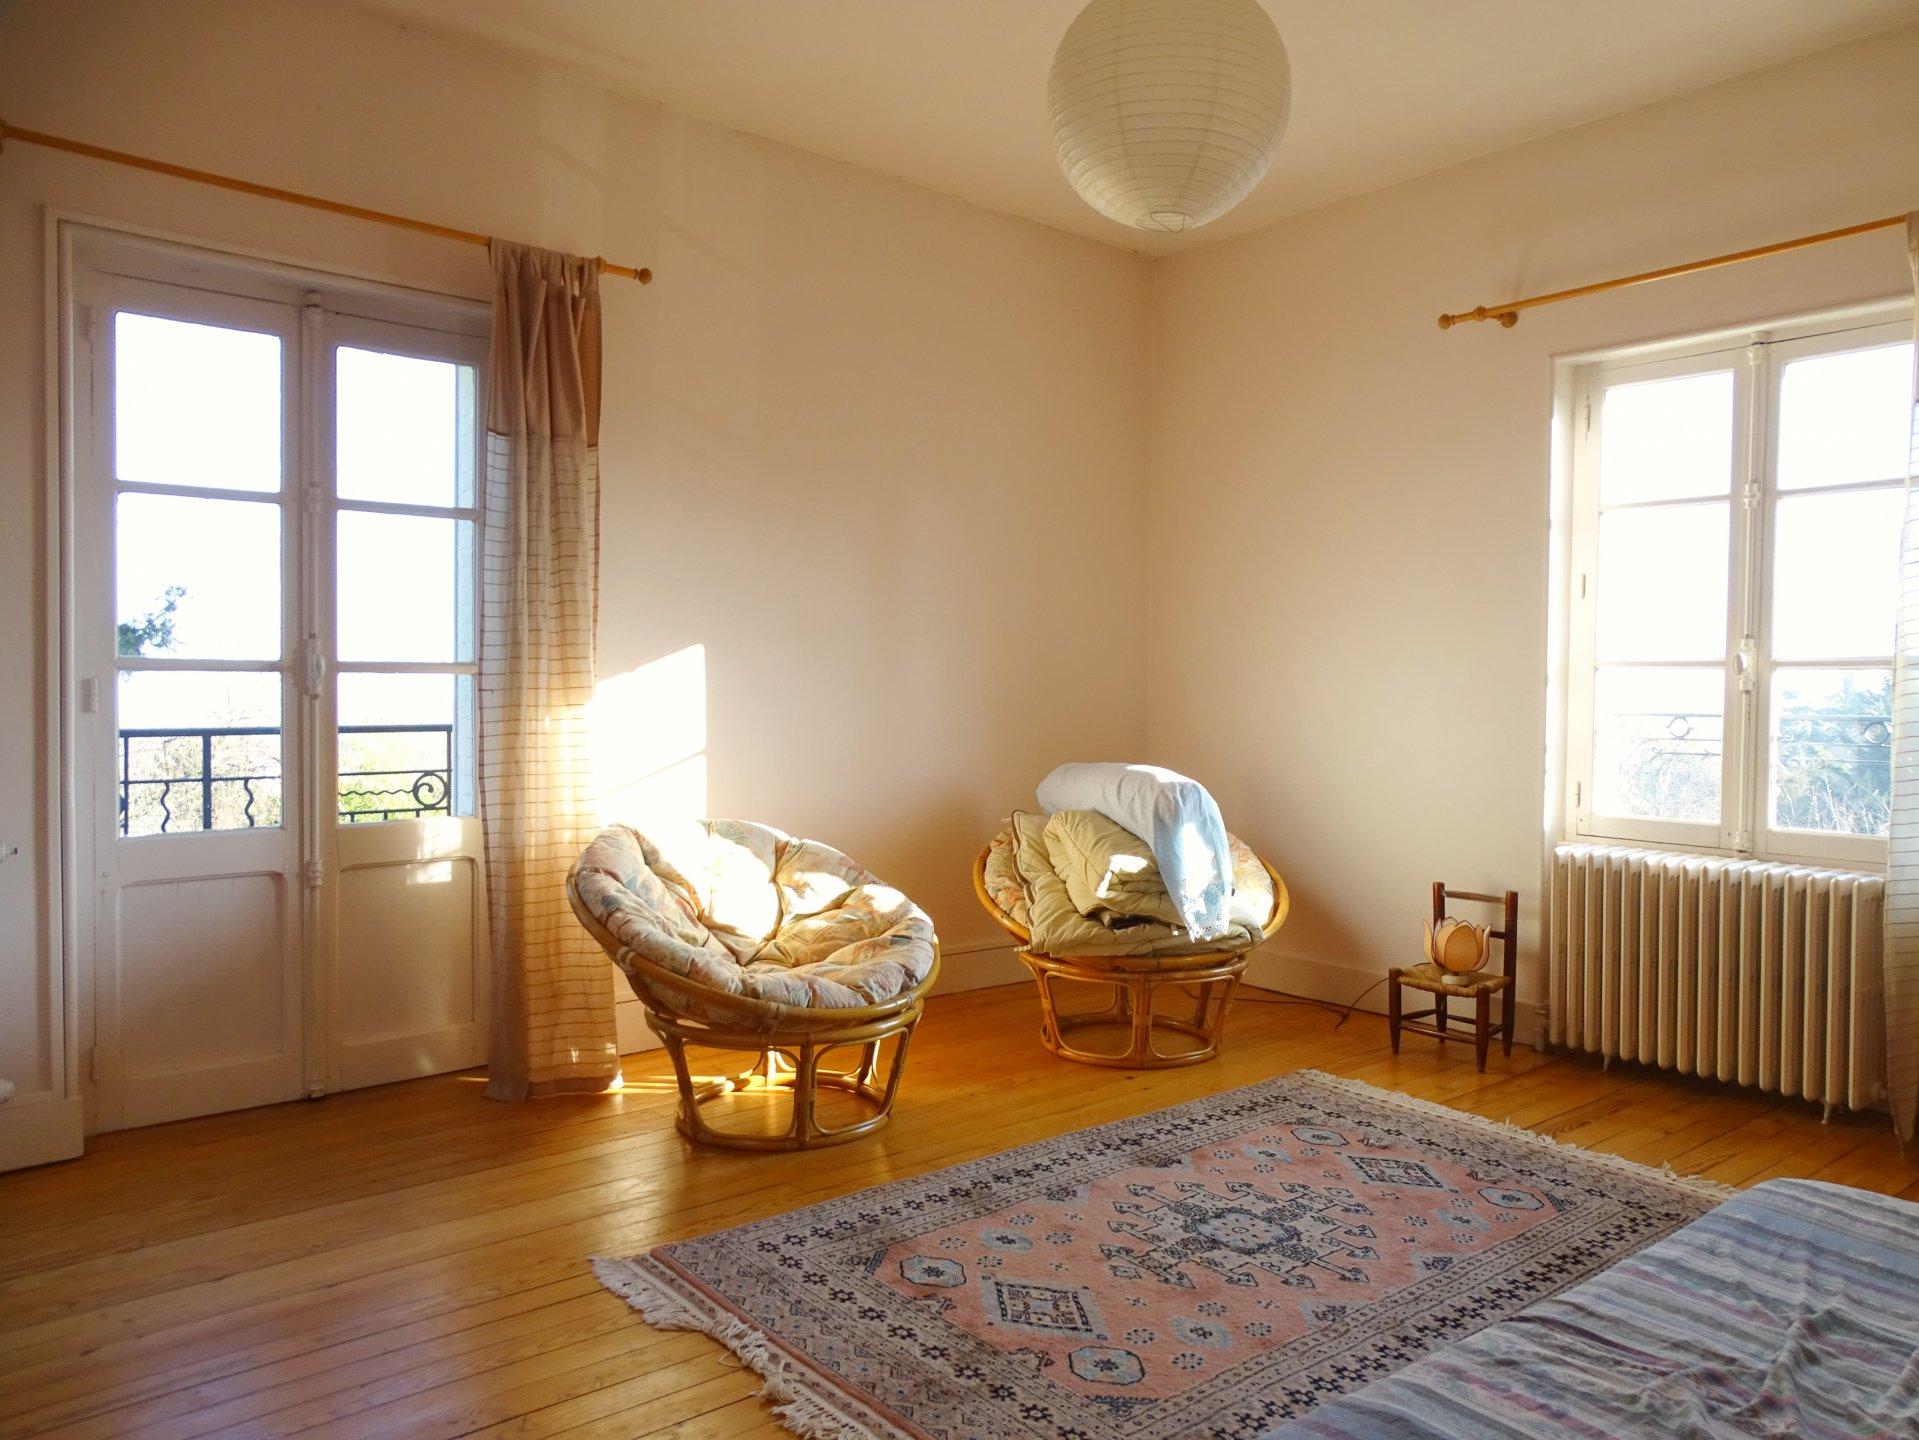 Mâcon, tout proche des commerces et commodités venez découvrir cette belle maison bourgeoise offrant une surface habitable de 259 m². Elle dispose d'une vaste pièce de vie de 54m², une lumineuse cuisine meublée, une salle de bains, une salle d'eau, 6 grandes chambres, un dressing et un toilette. Le rez de chaussée vous permettra d'aménager les différents espaces au gré de vos envies. Vous serez séduits par ses beaux volumes et son potentiel. De belles prestations sont à noter: Chaudière gaz à condensation neuve, huisseries double vitrage, portail électrique...Le tout est implanté sur un terrain clos de 1000 m² environ. Honoraires à la charge du vendeur.